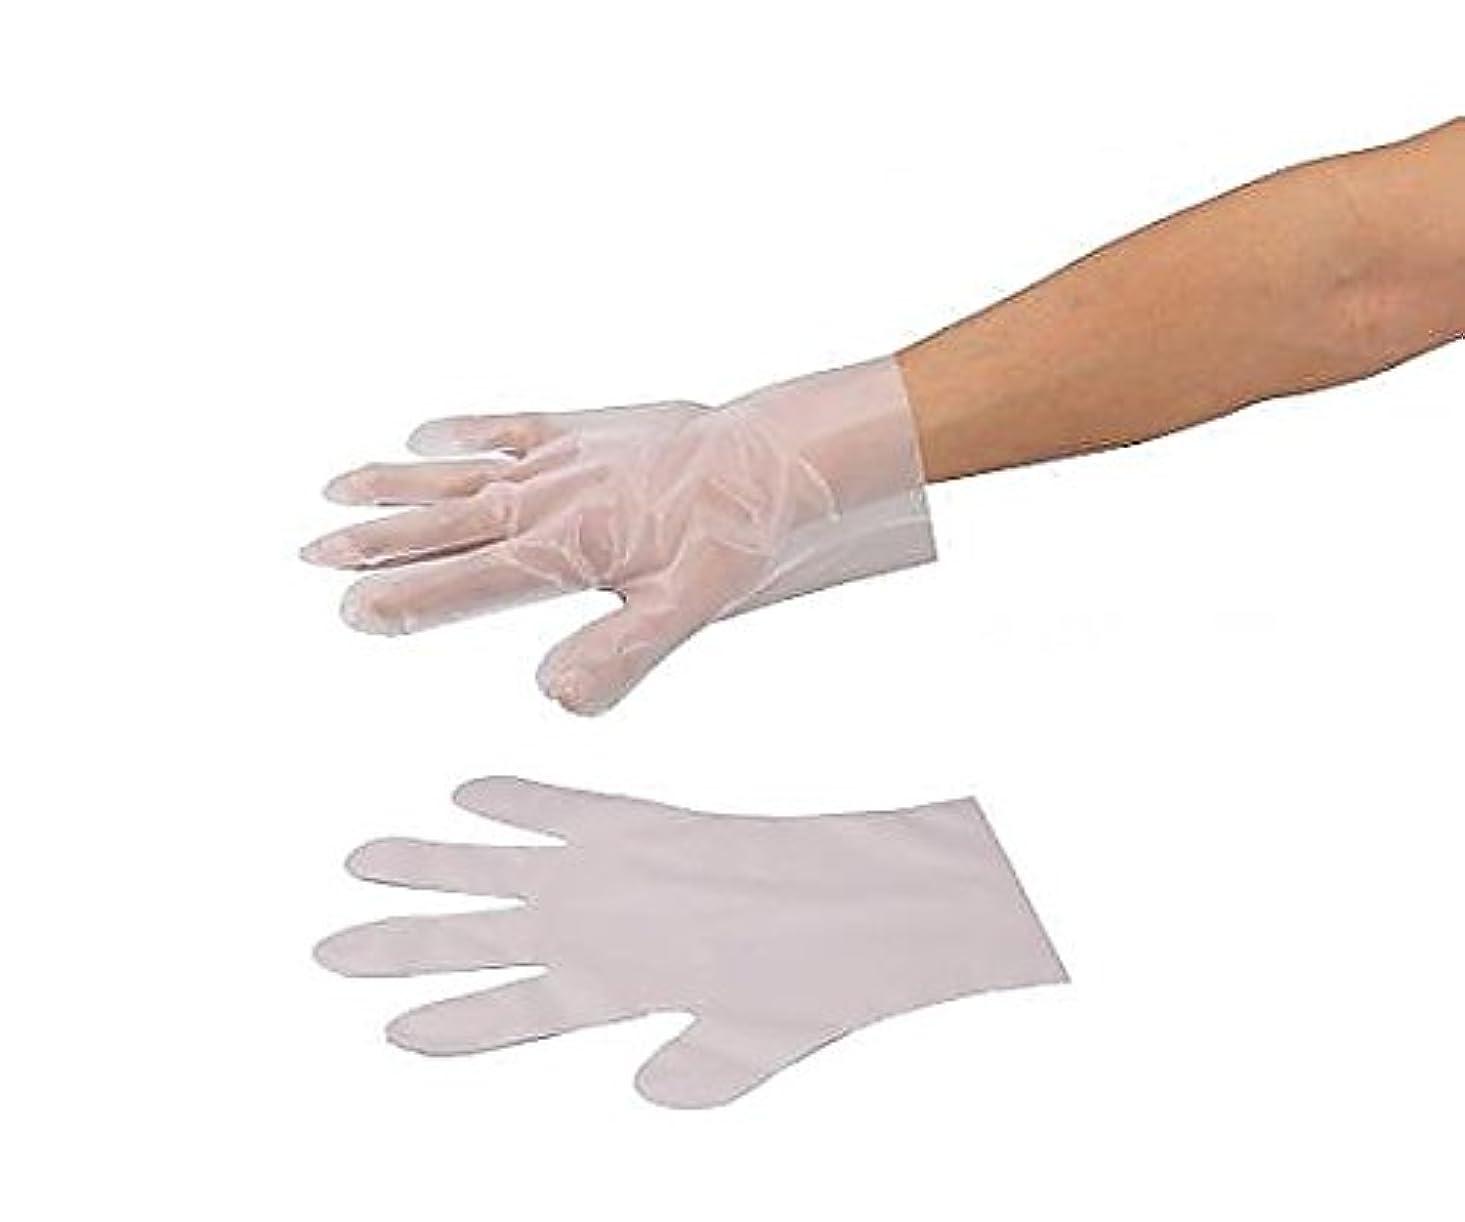 順番怒り破壊アズワン9-889-01ラボランサニメント手袋(PE?厚手タイプ)エンボス付L10箱+1箱